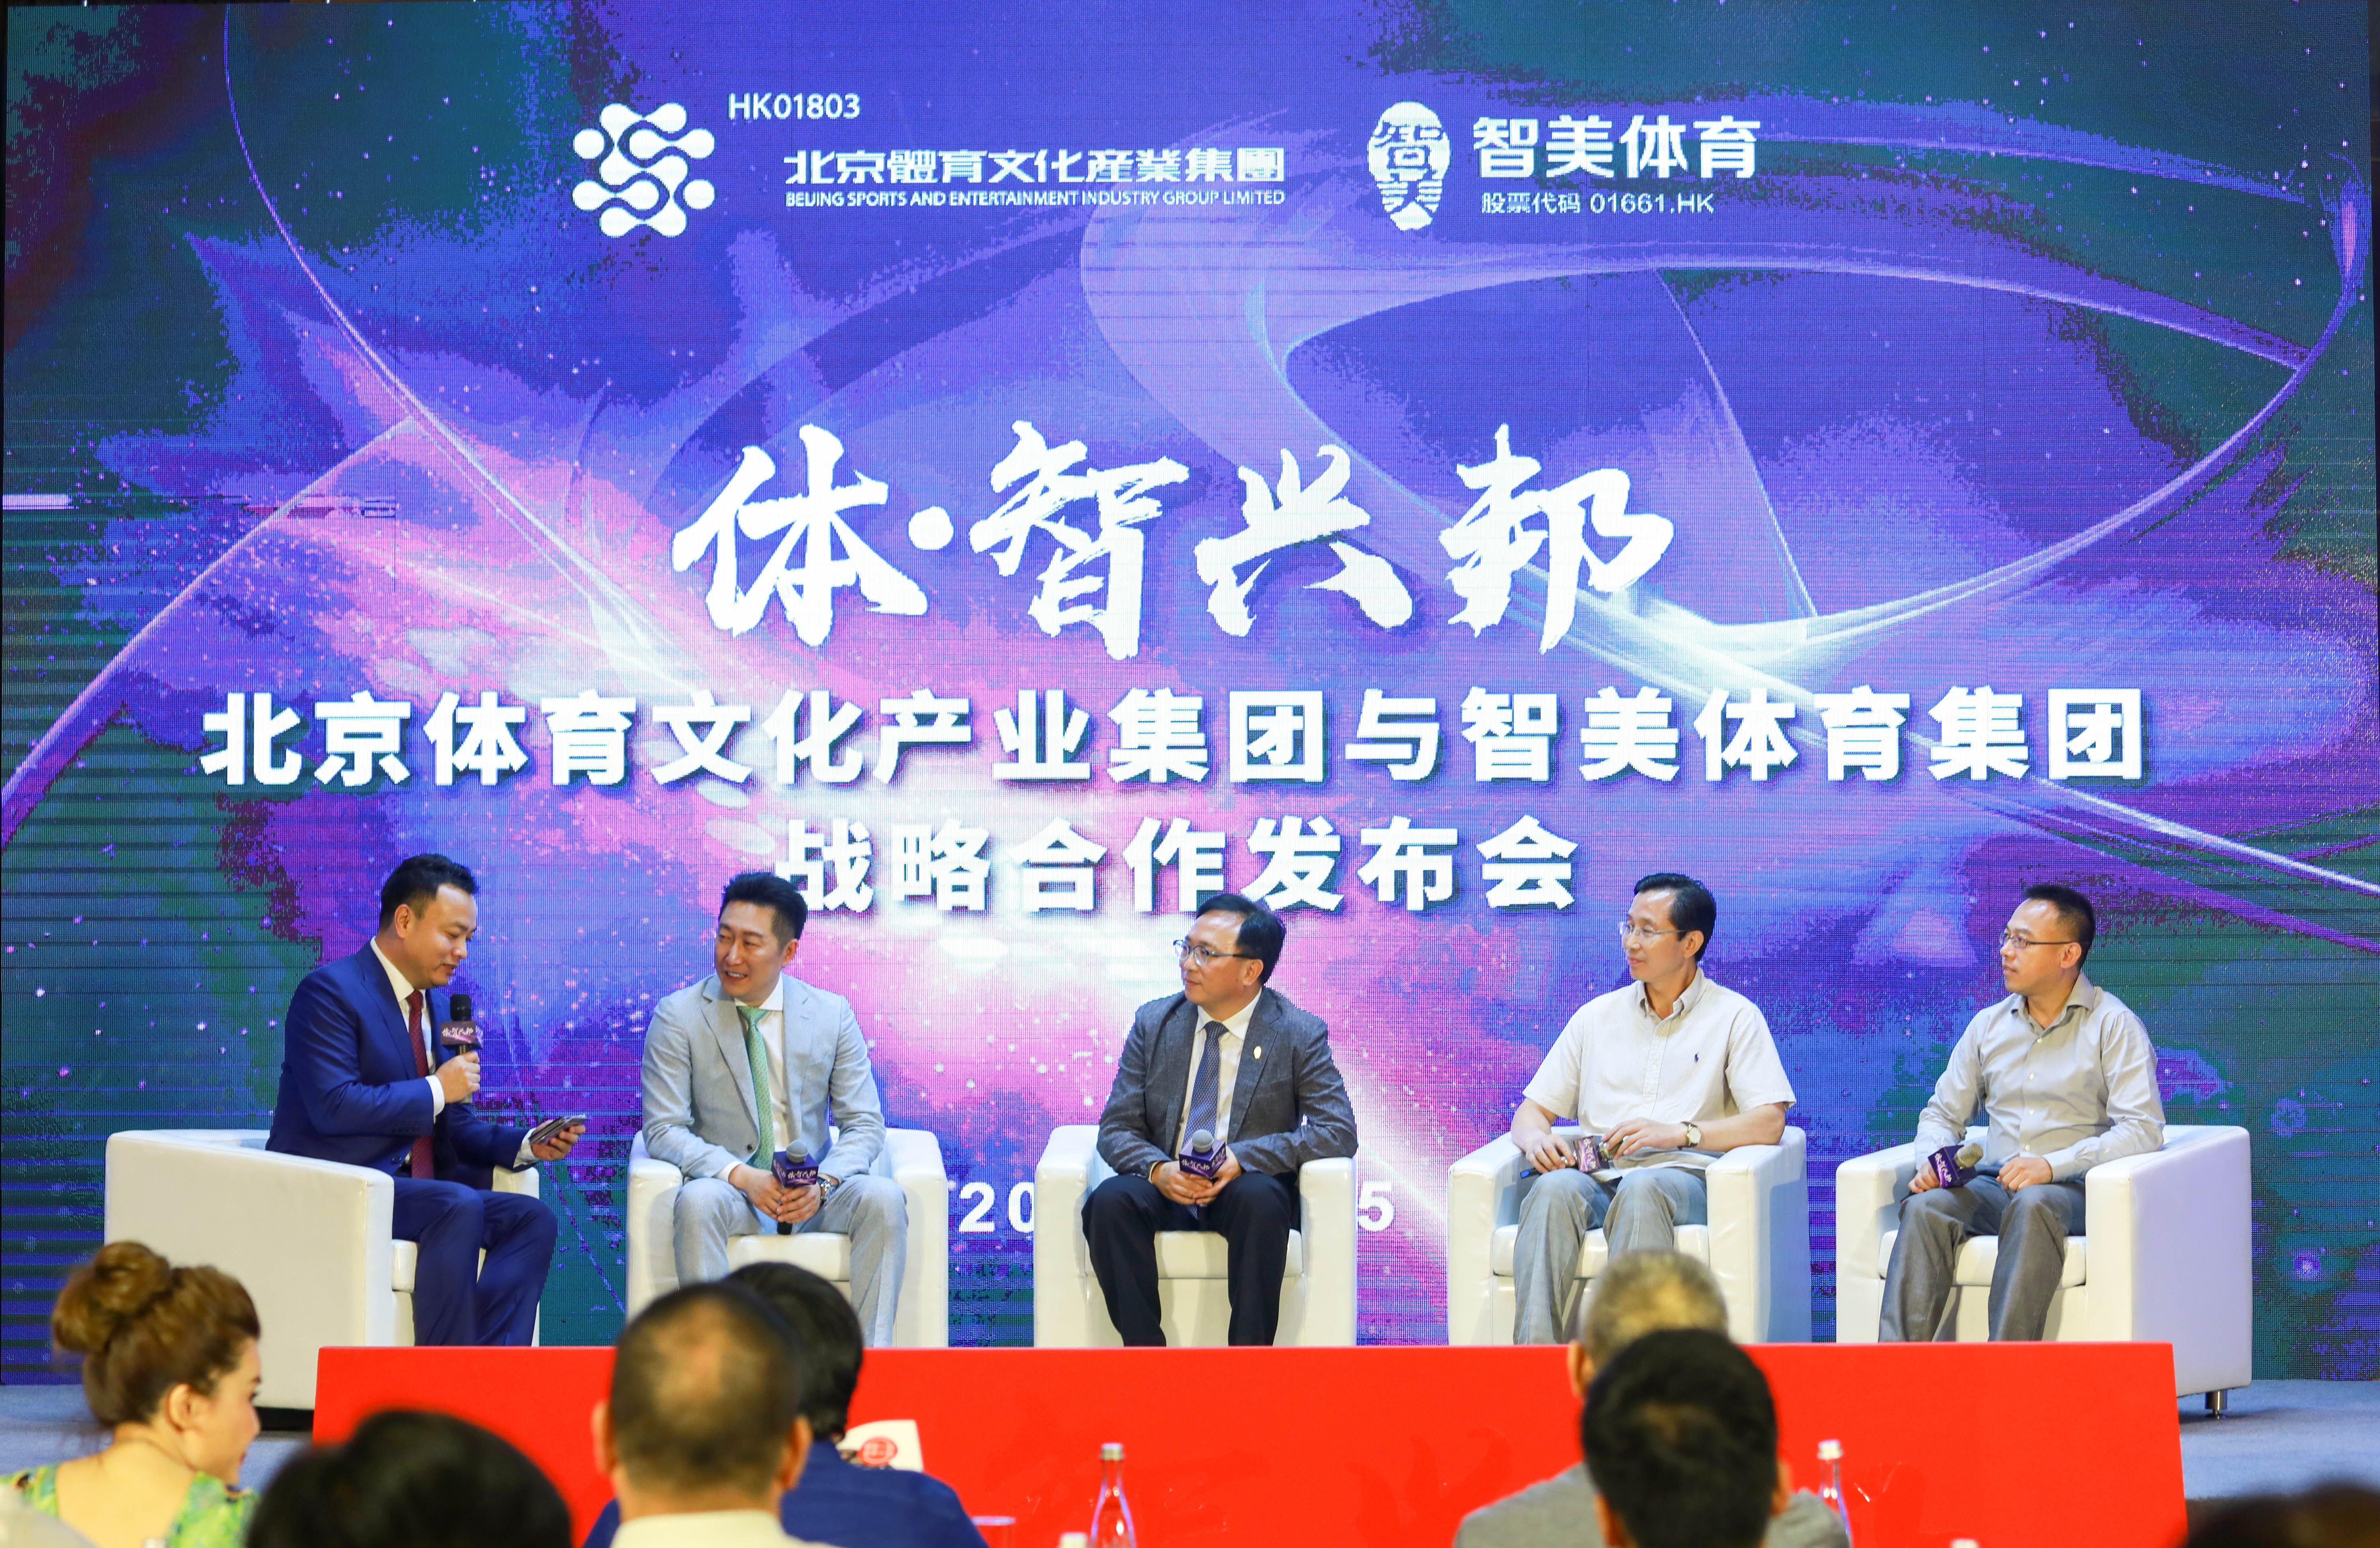 智美体育与北京体育文化产业集团签约 共拓百